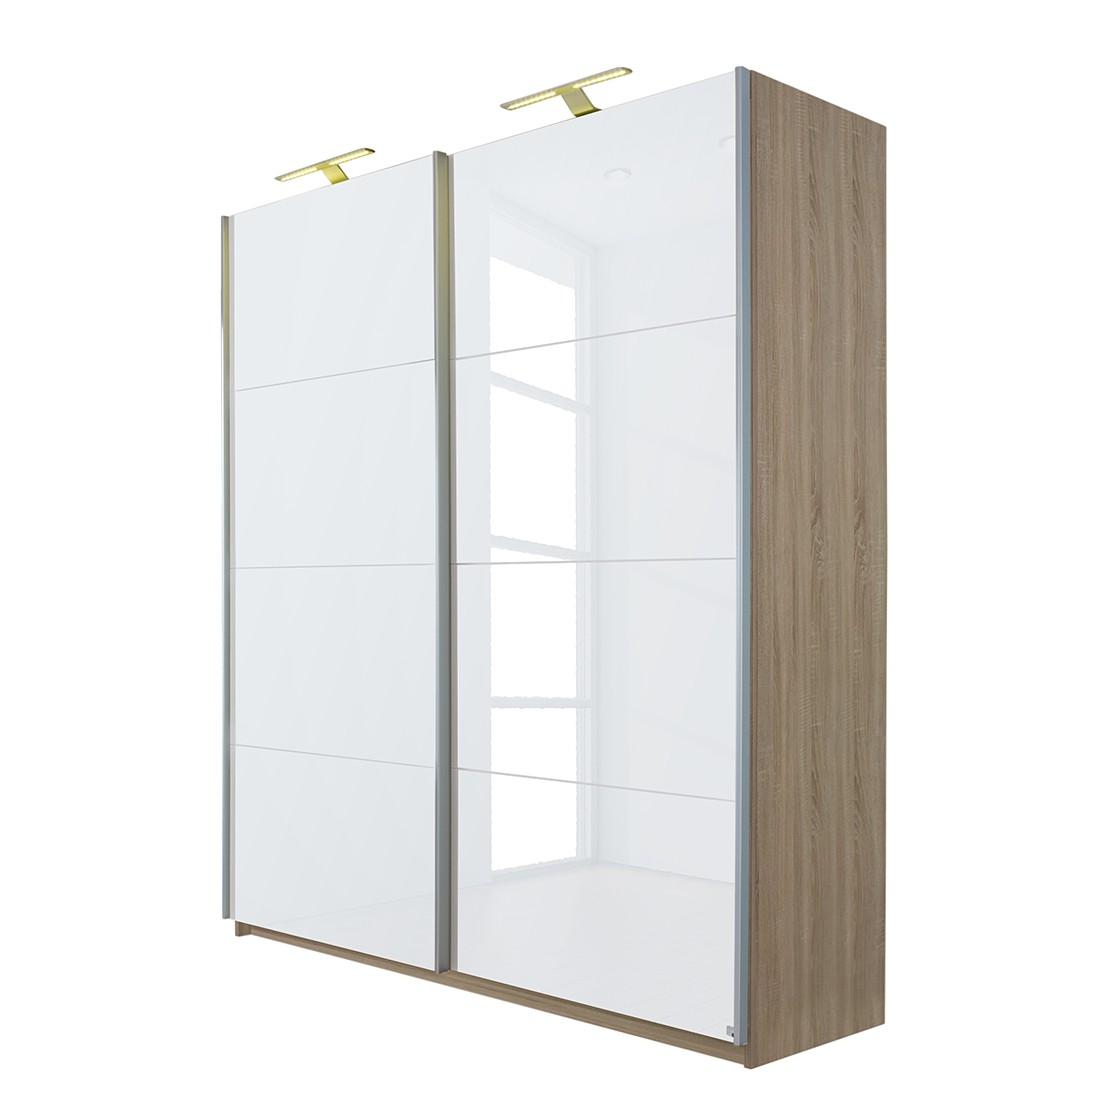 goedkoop Schuifdeurkast Beluga hoogglans wit Sonoma eikenhouten look 270cm 2 deurs 223cm Rauch Select